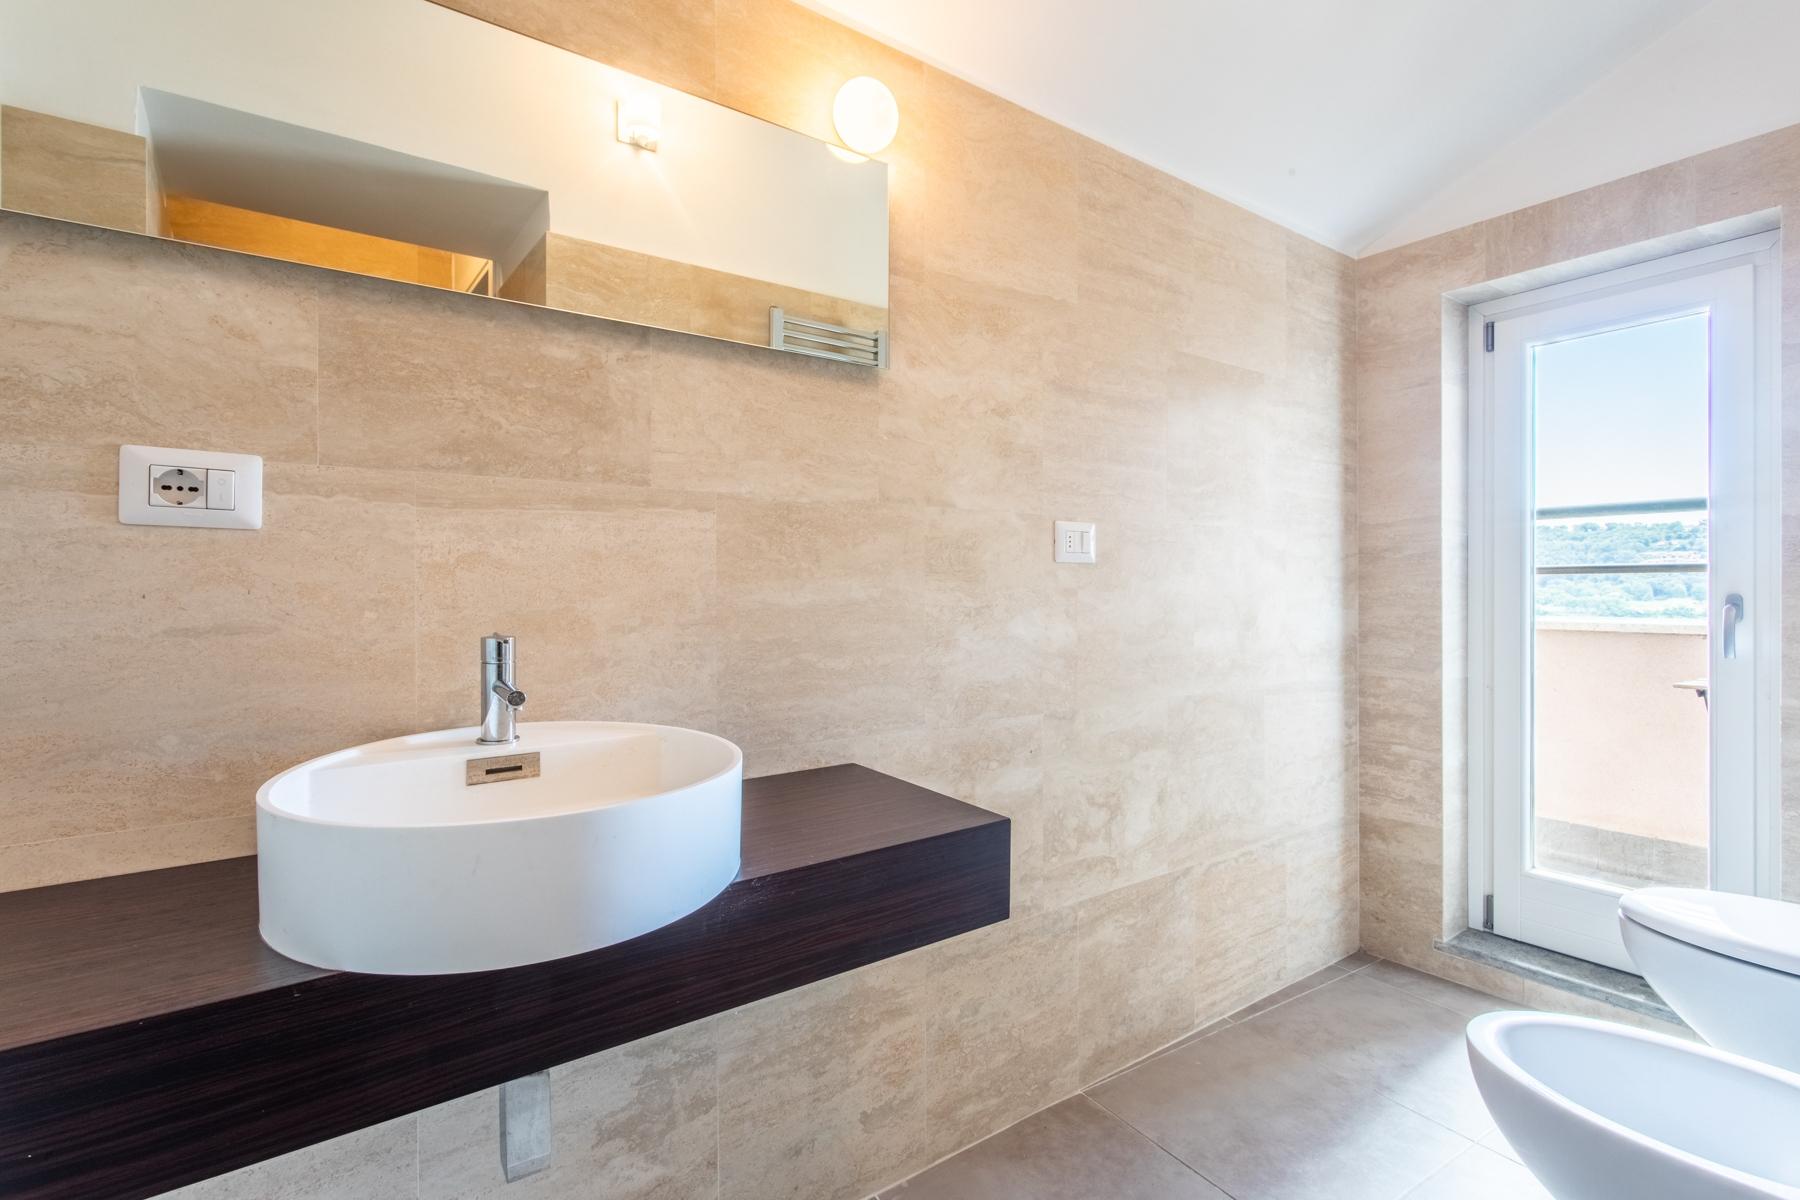 Casa indipendente in Vendita a Trevignano Romano: 5 locali, 163 mq - Foto 13